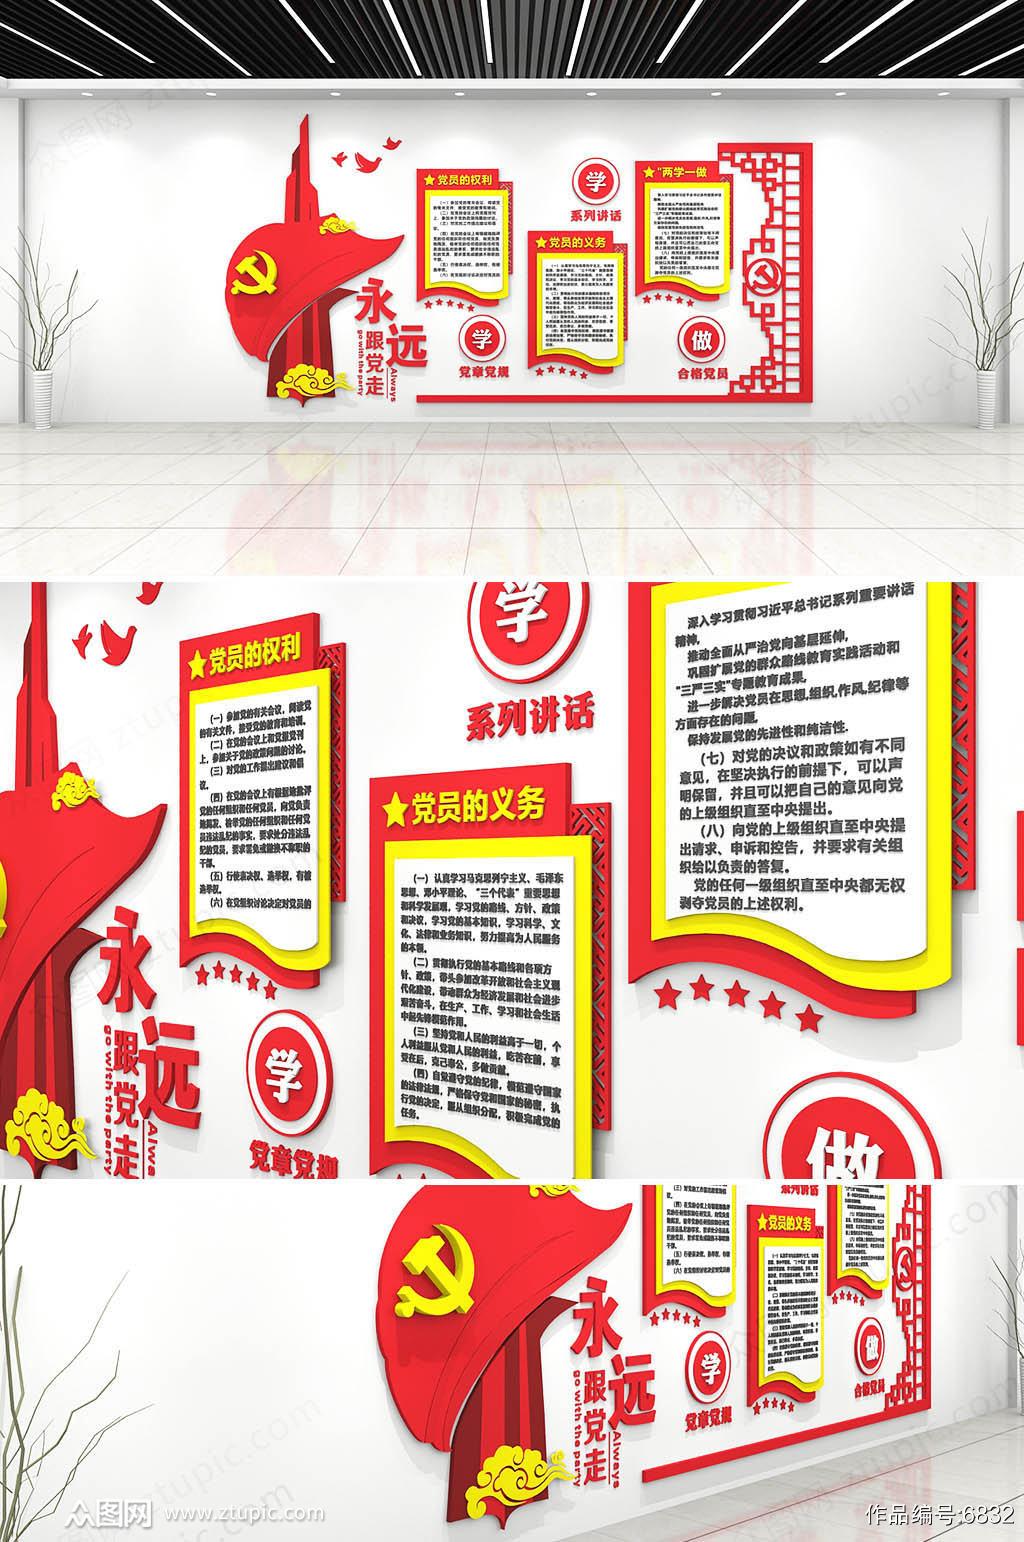 党员权利和义务文化墙设计素材